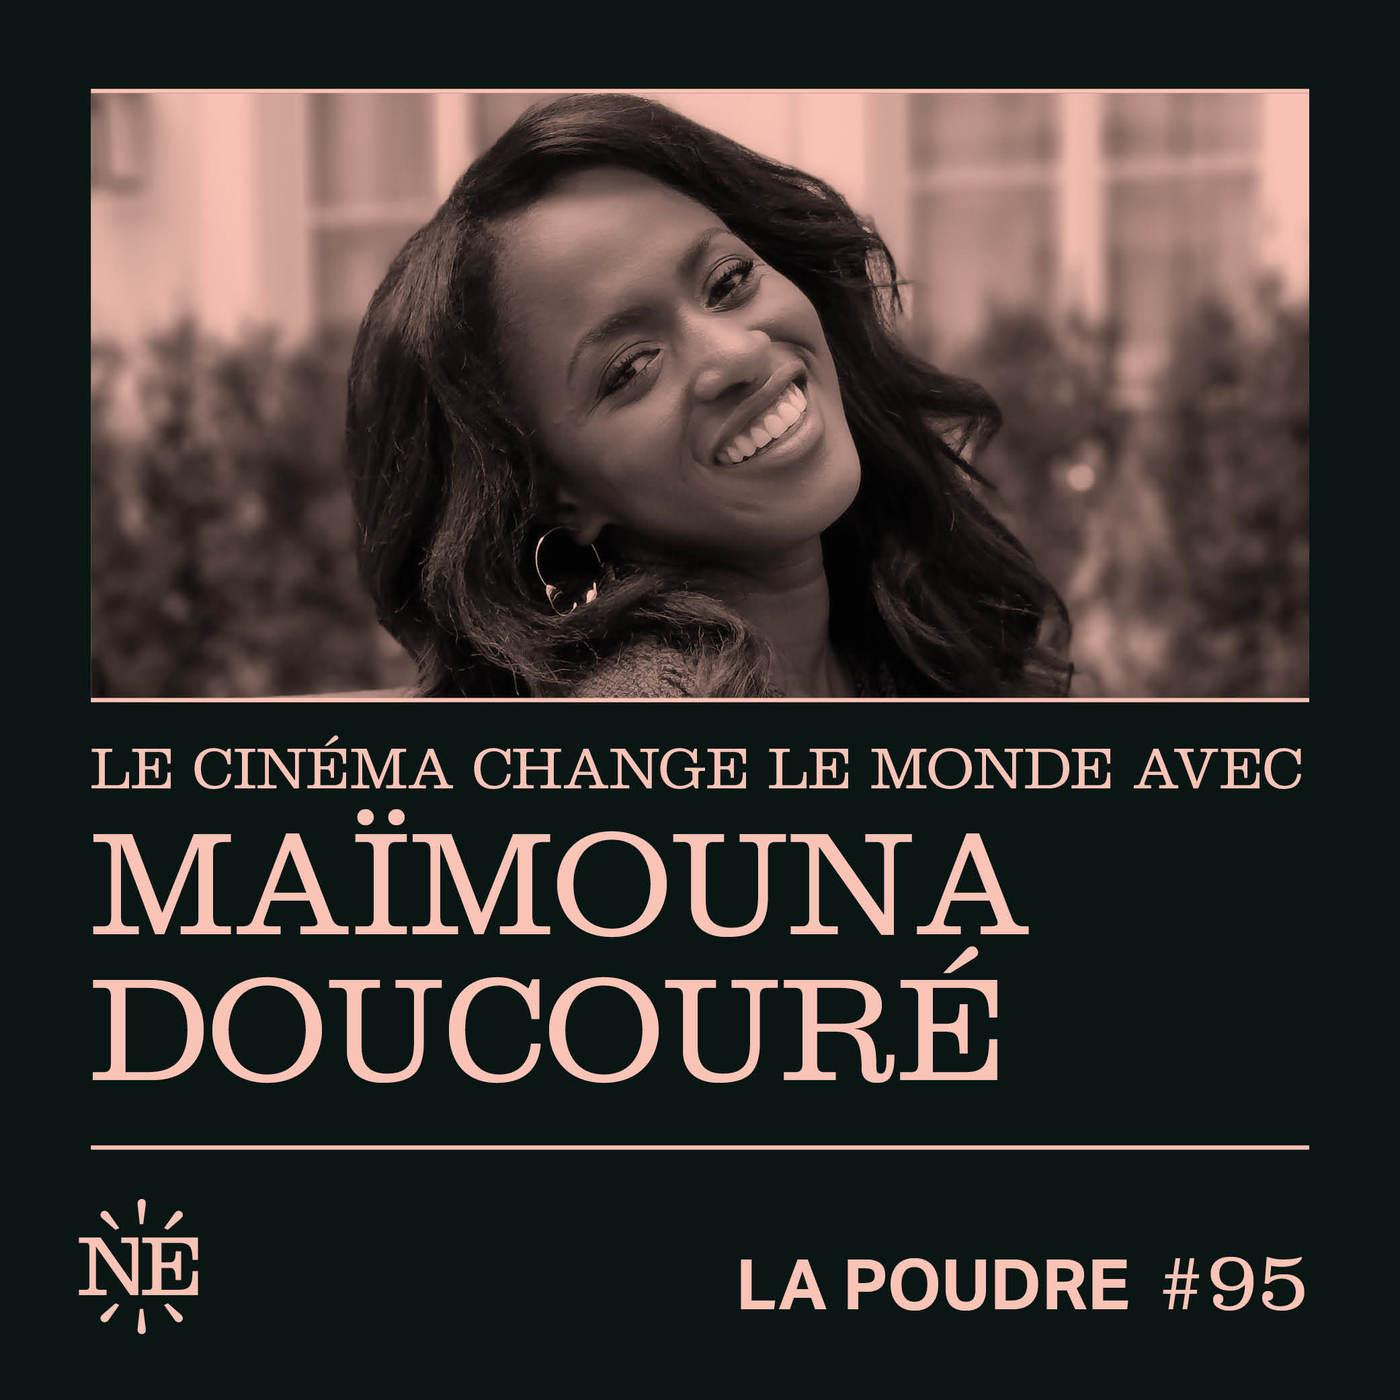 Épisode 95 - Le cinéma change le monde avec Maïmouna Doucouré